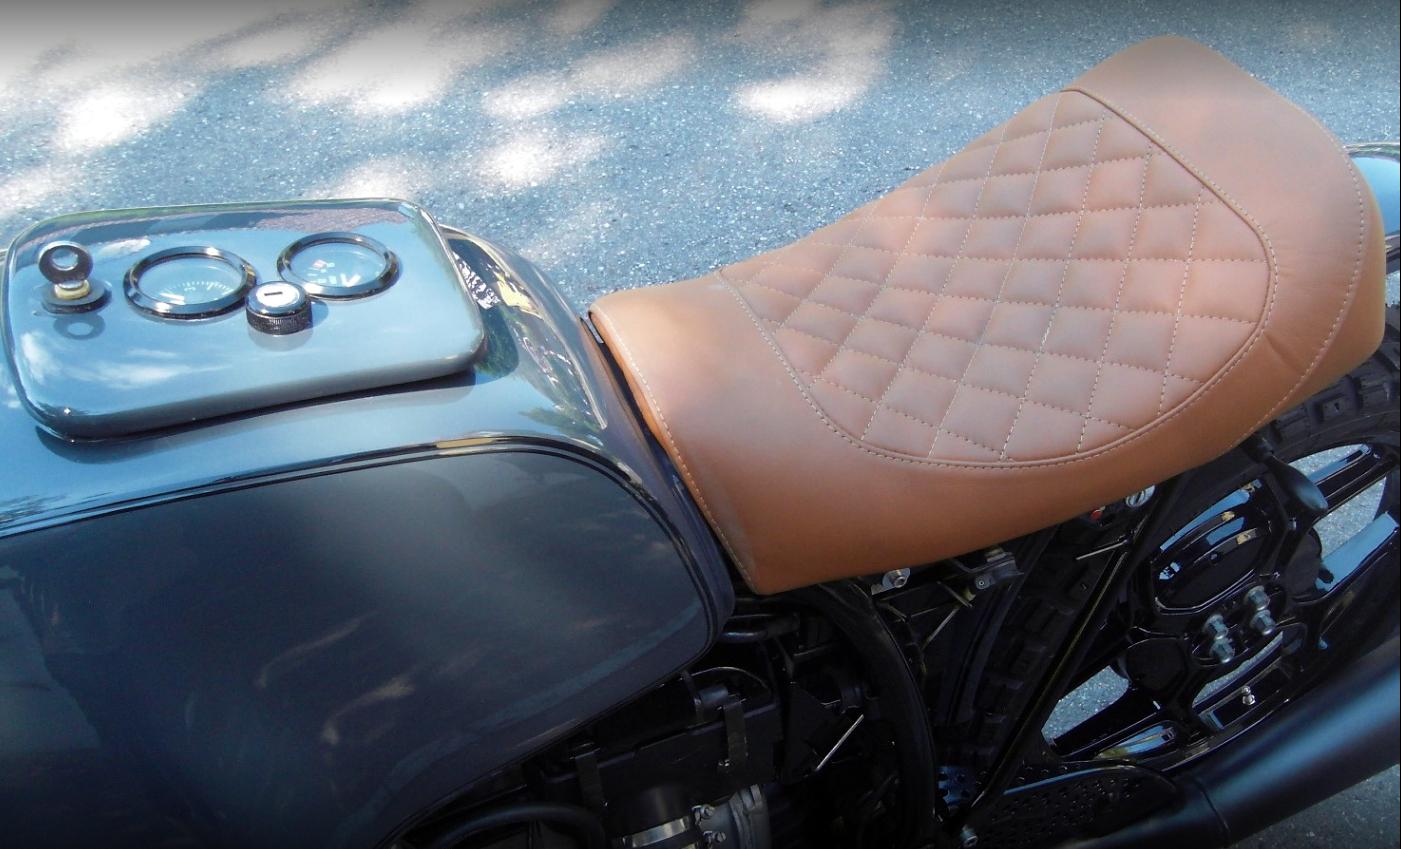 Motorrad Sitzbänke - Elf-Zwo.com